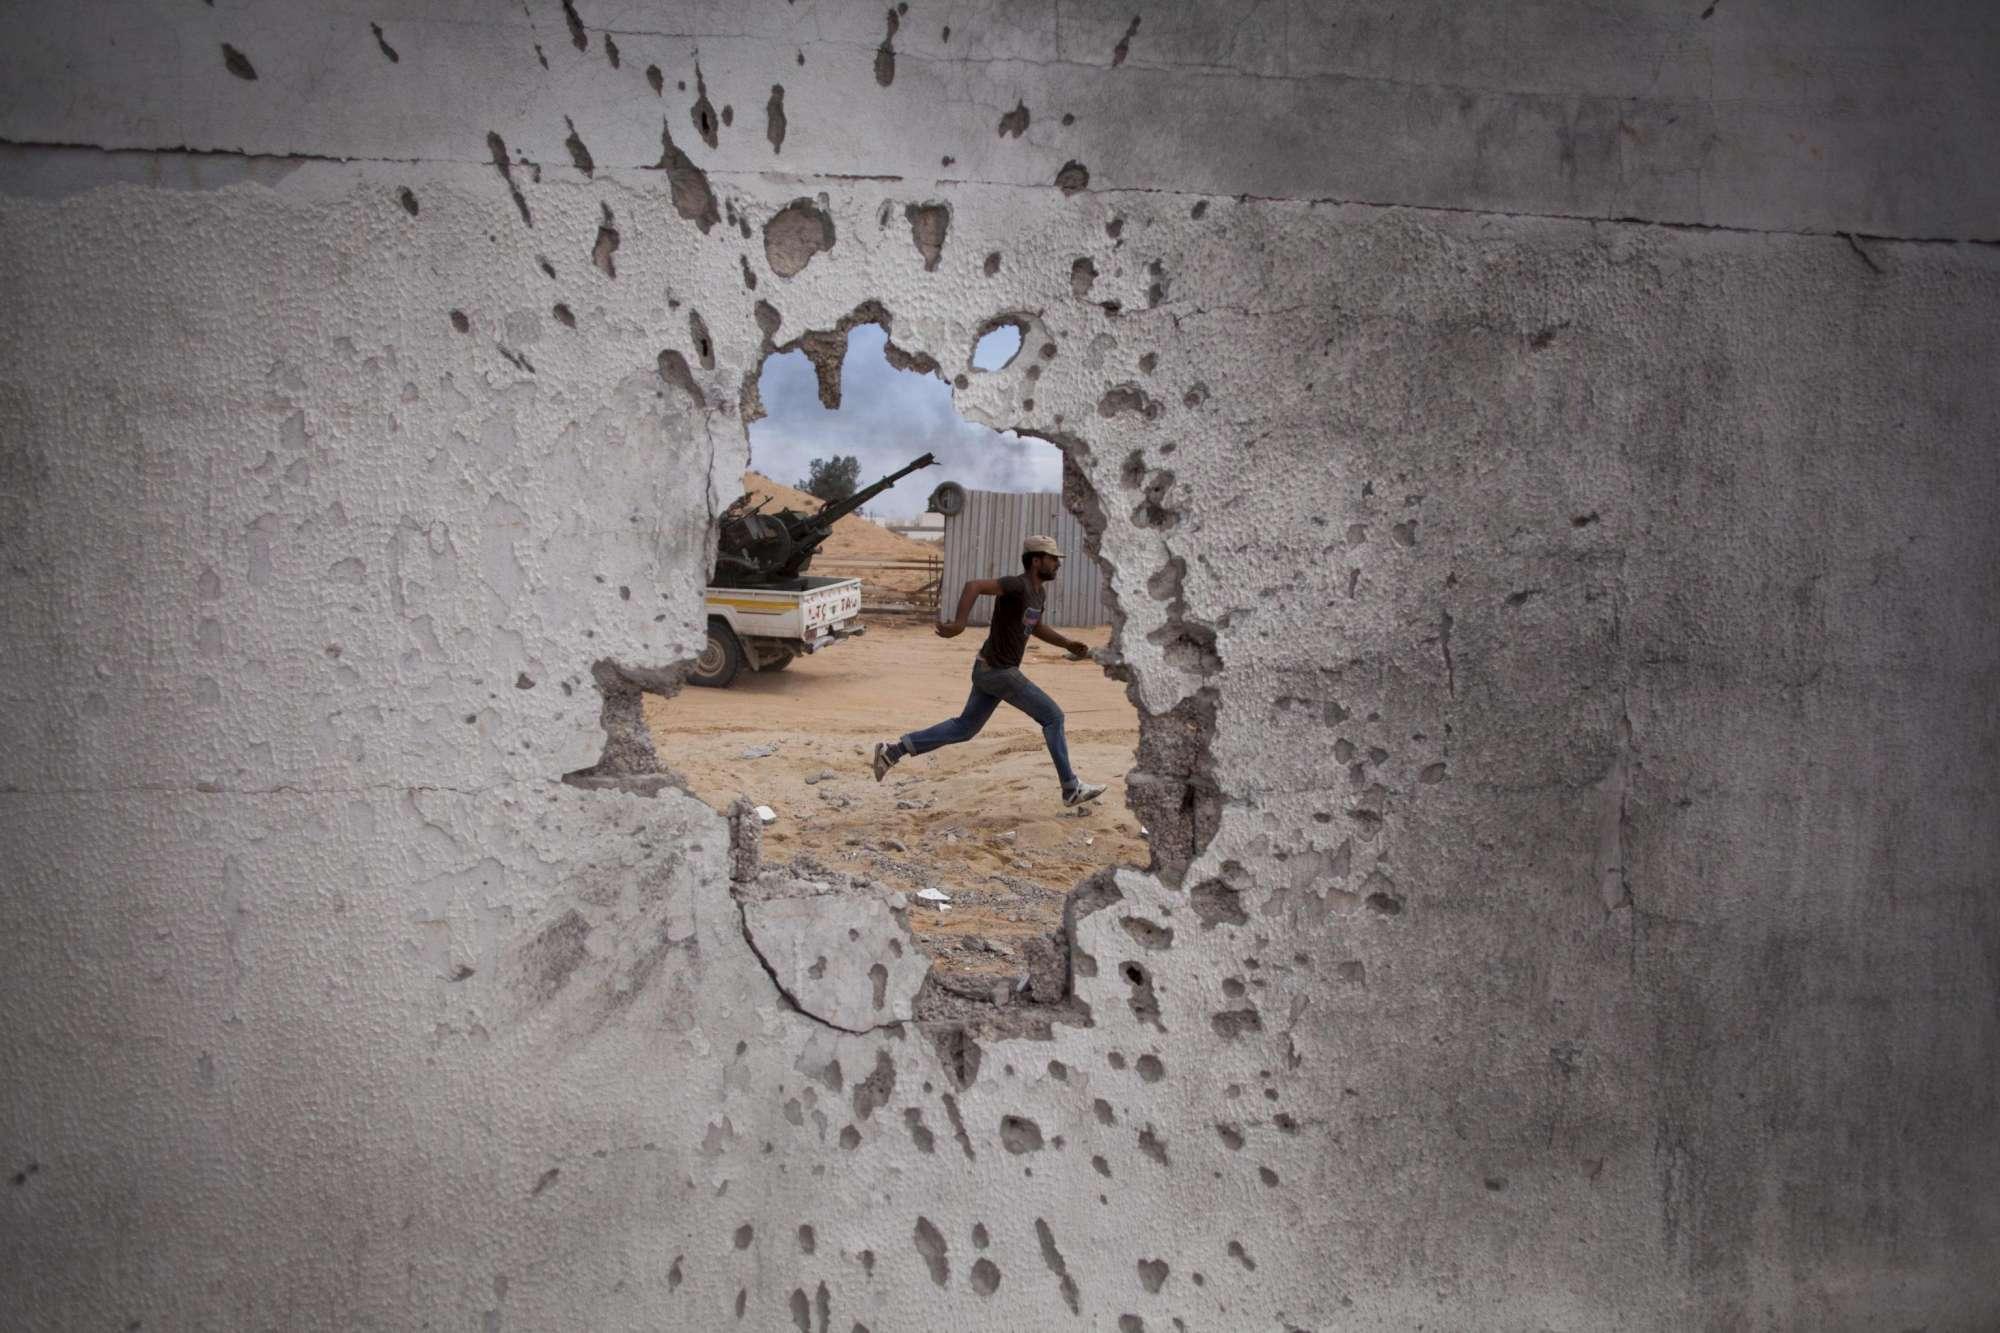 Libia, prosegue la battaglia a Tripoli tra l'esercito regolare e le forze di Haftar